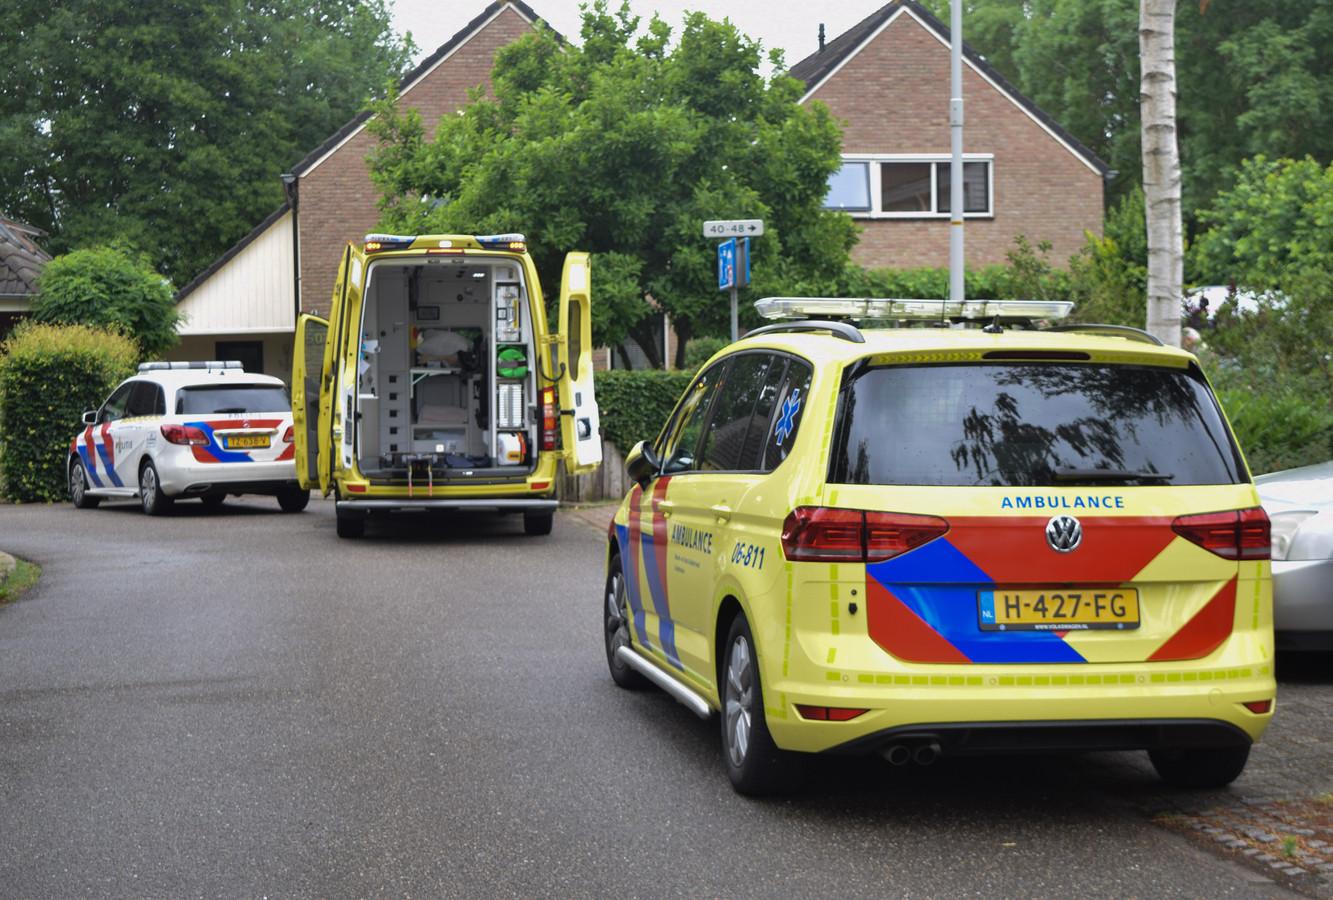 De hulpverlening kwam snel op gang na de aanrijding in Doetinchem.